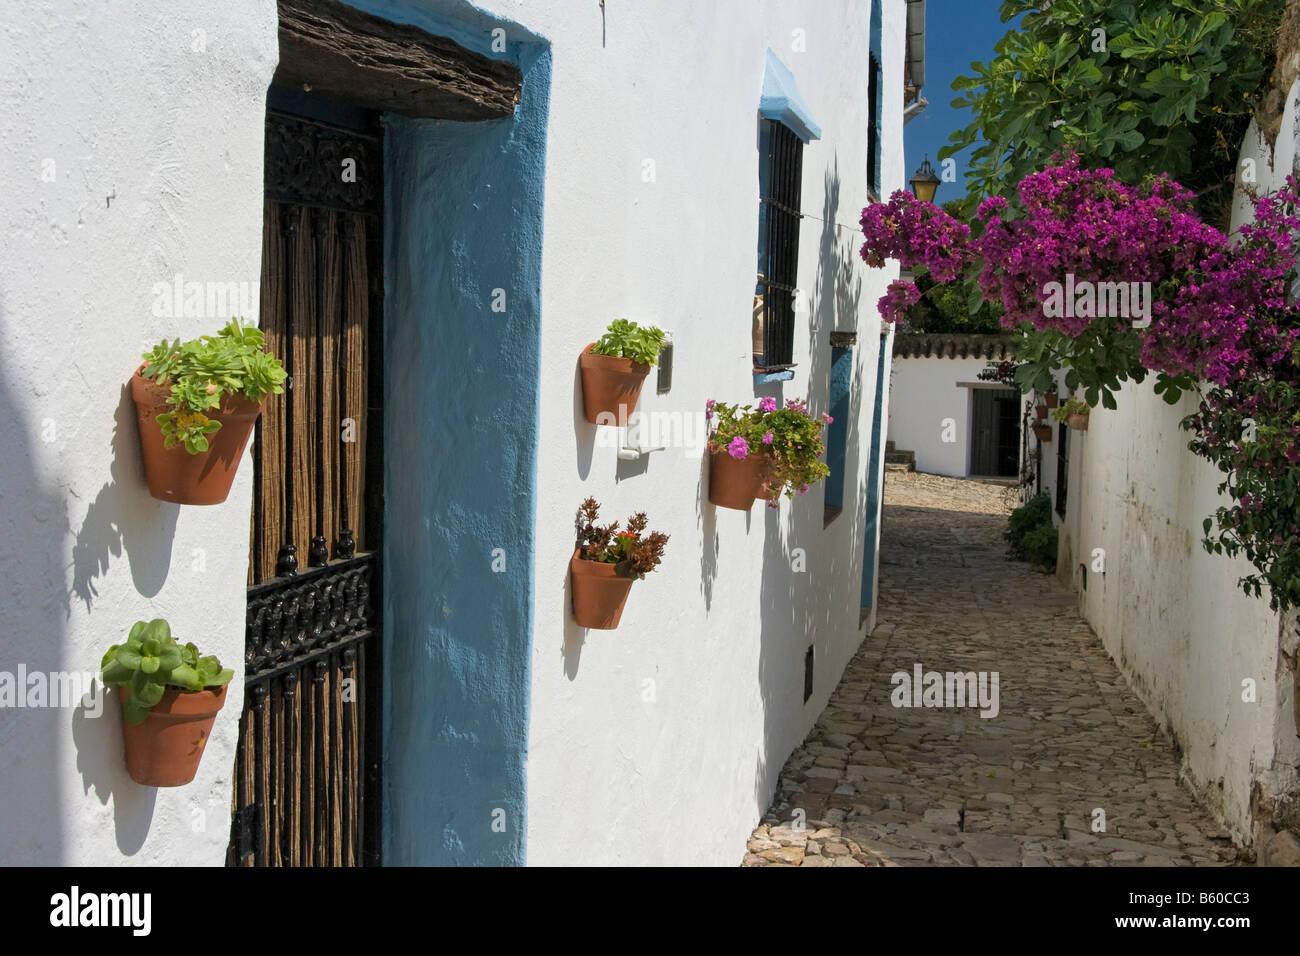 Dekoration stockfotos dekoration bilder alamy for Dekoration spanien